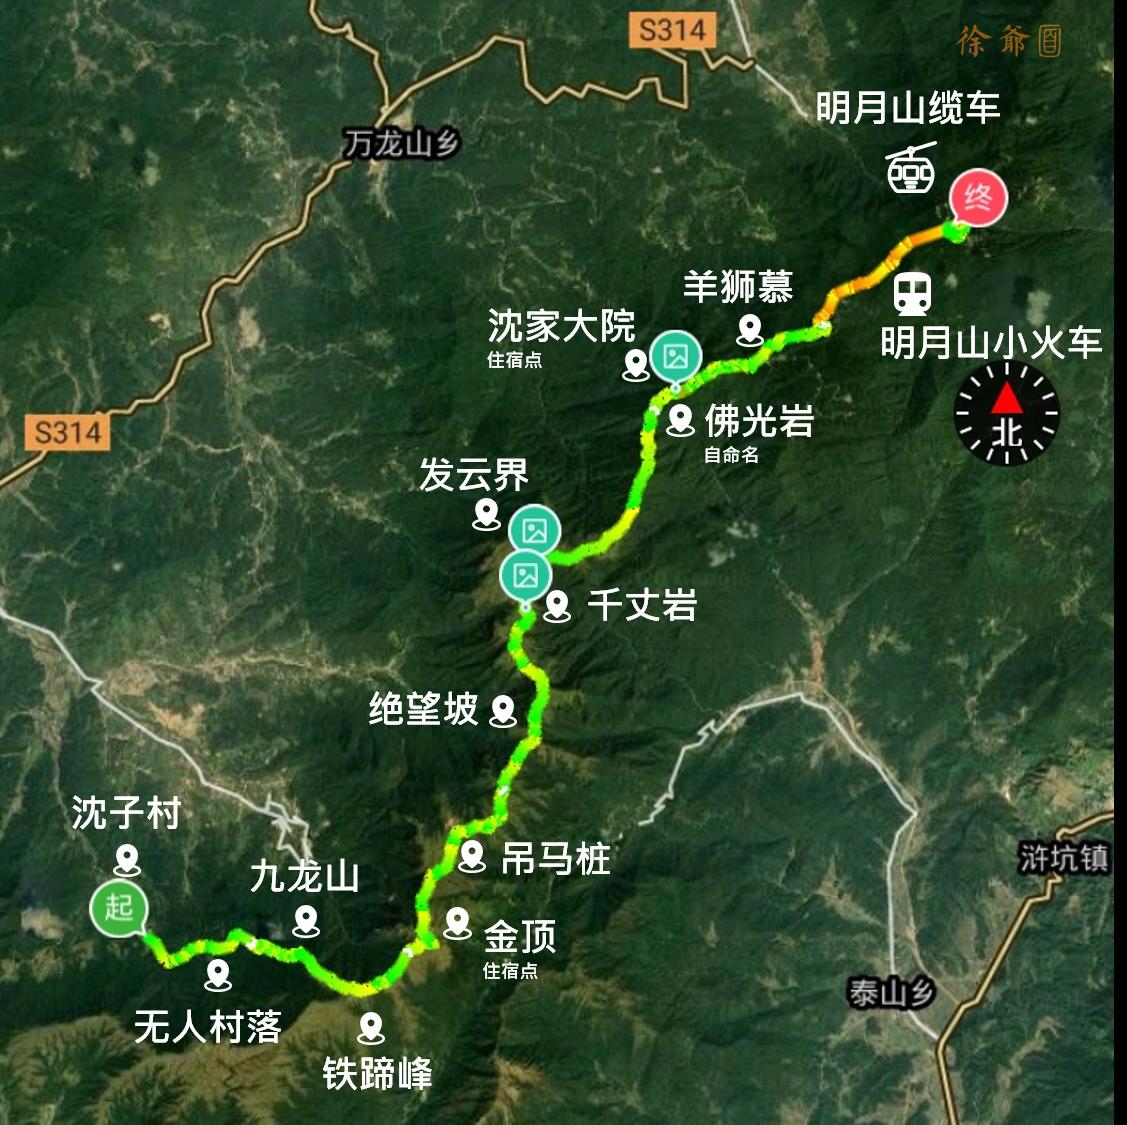 徒步路线图